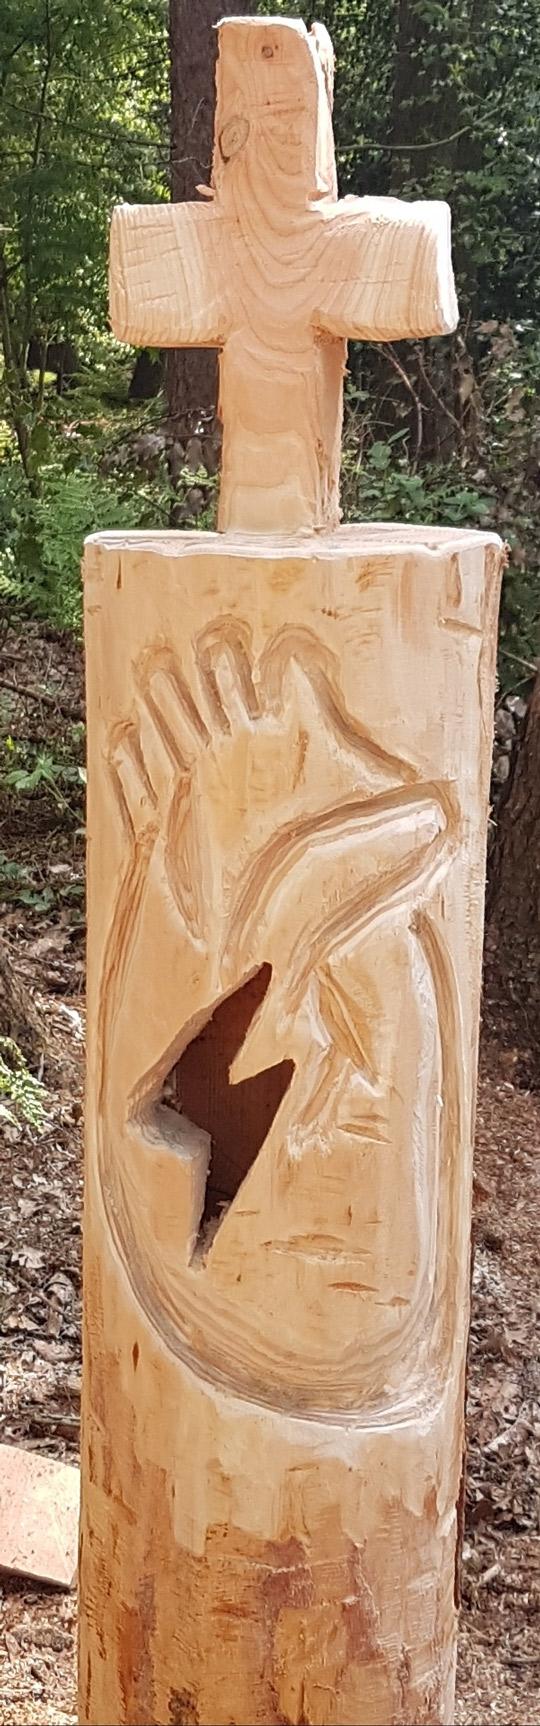 Holzlampe selber bauen